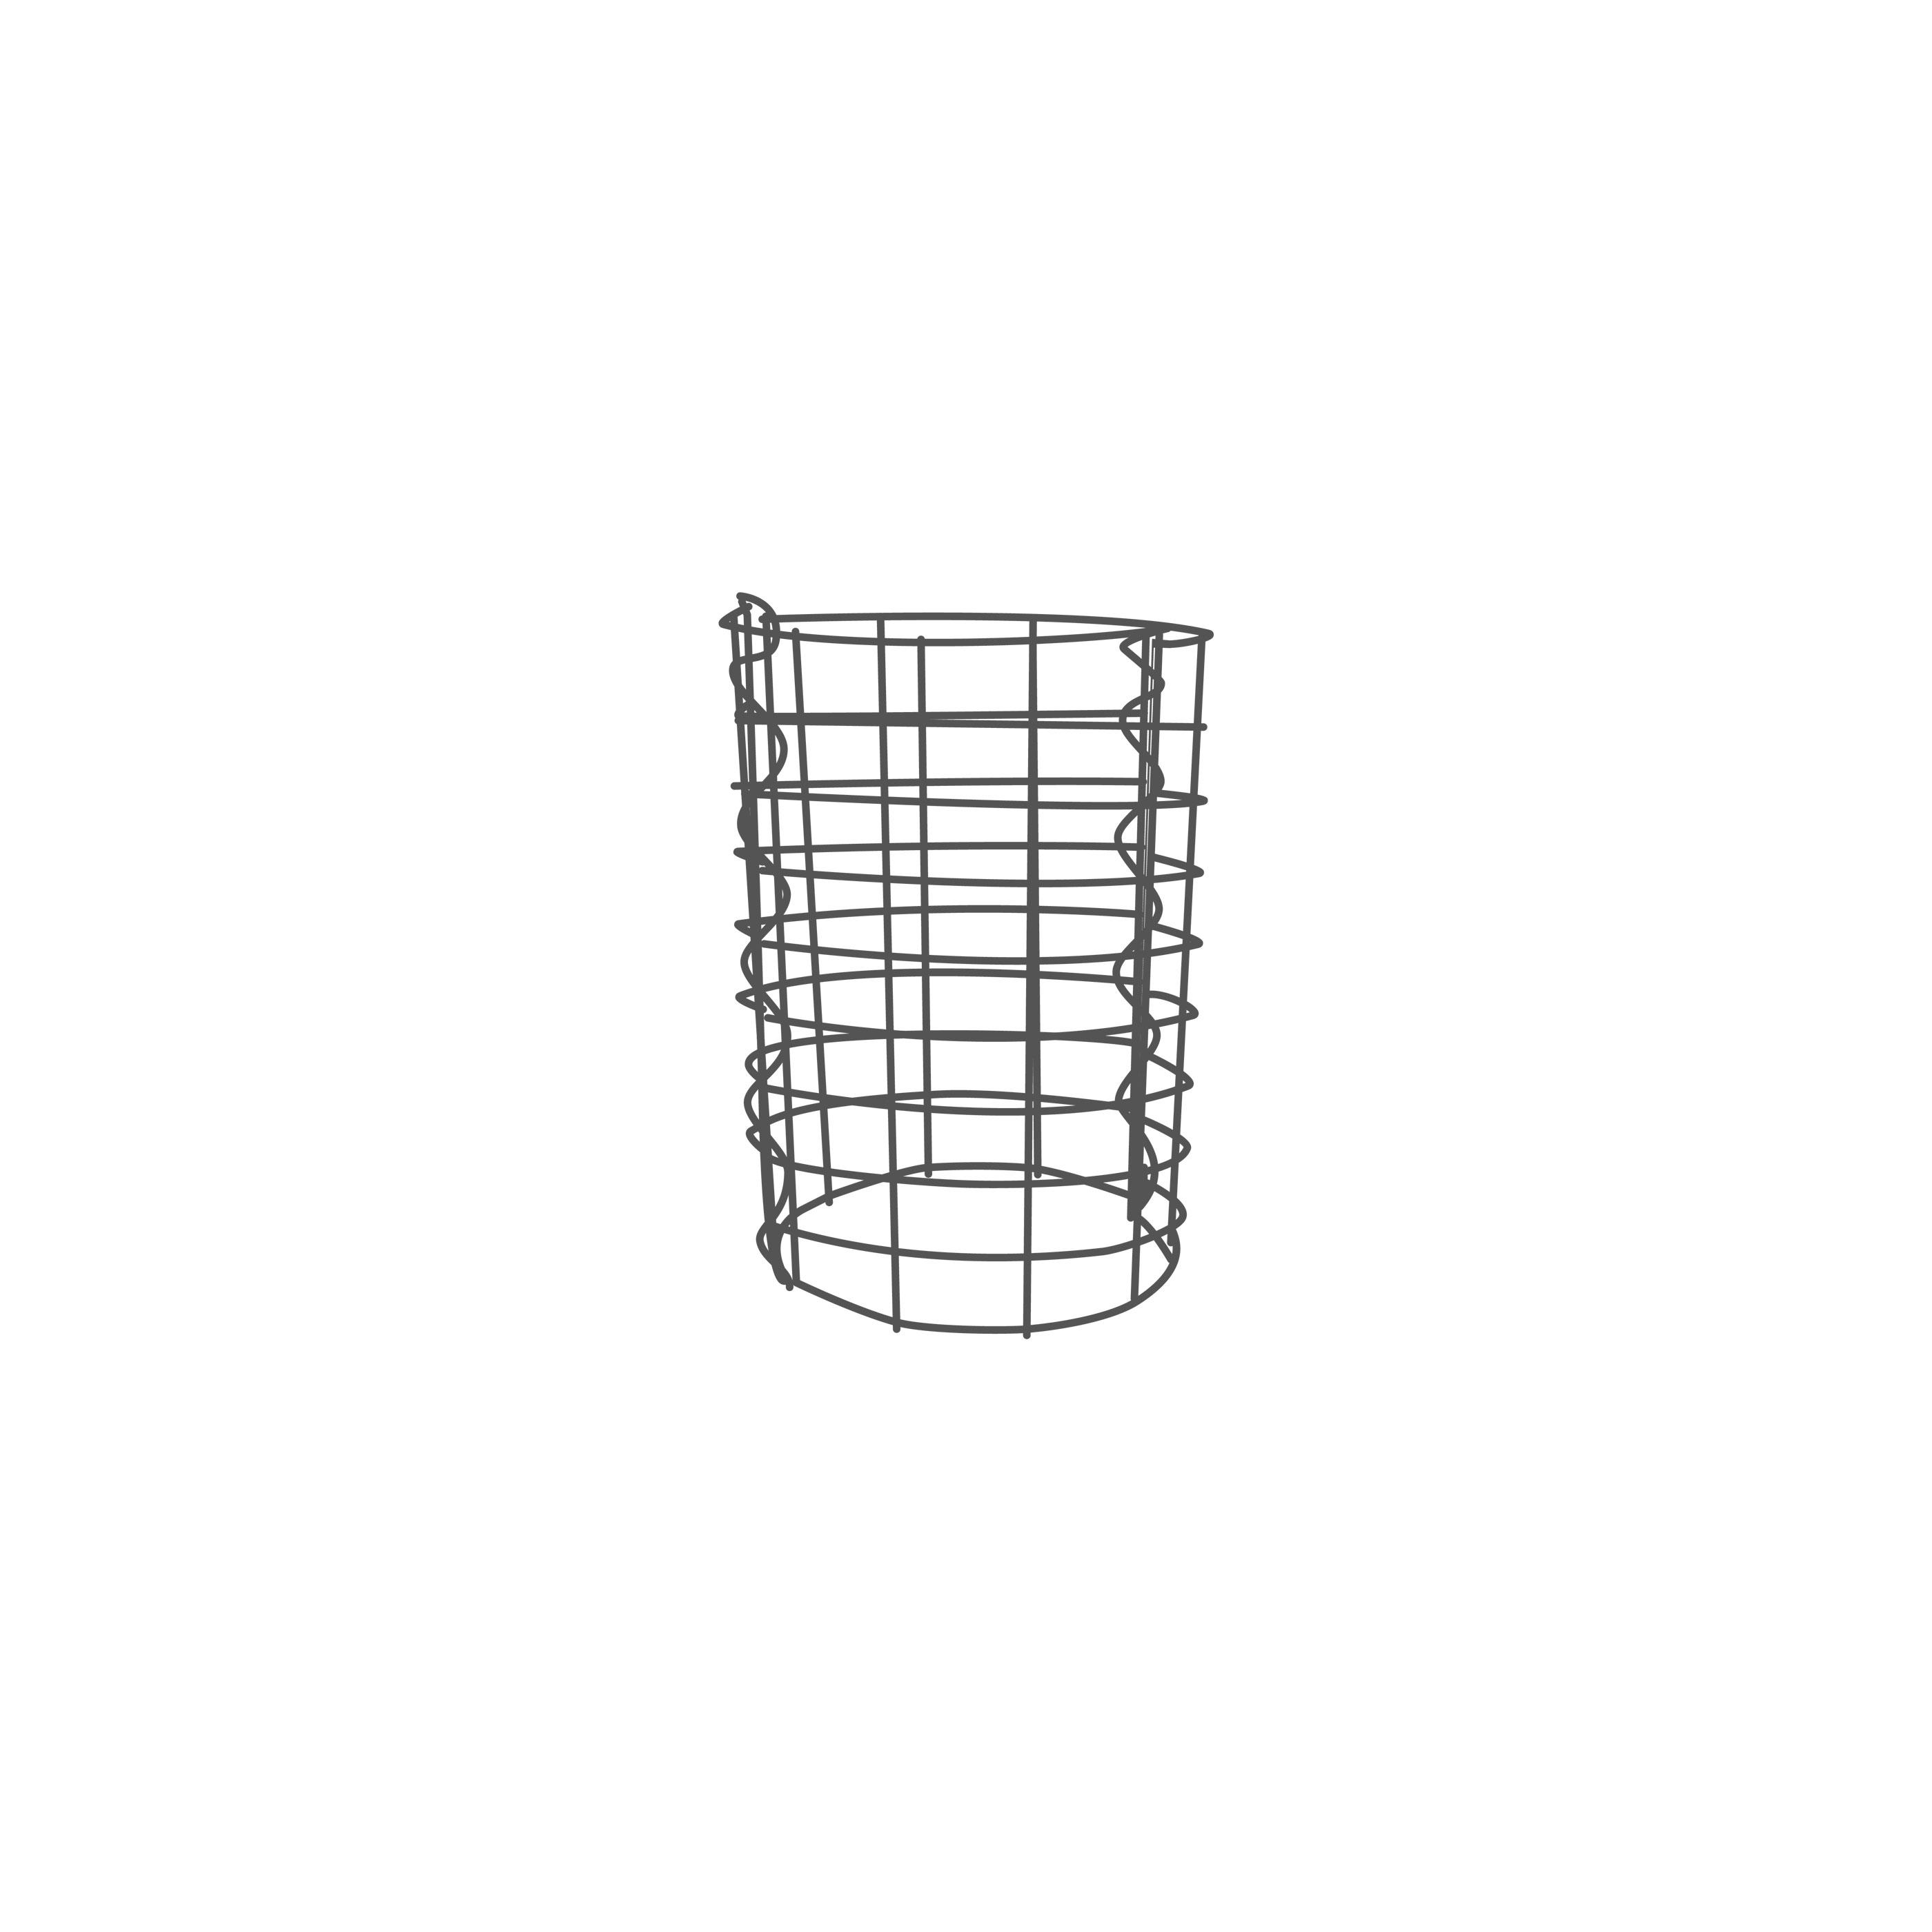 gabione rund zink aluminium verschiedene h hen maschenweite 5x10 cm gabionens ulen. Black Bedroom Furniture Sets. Home Design Ideas